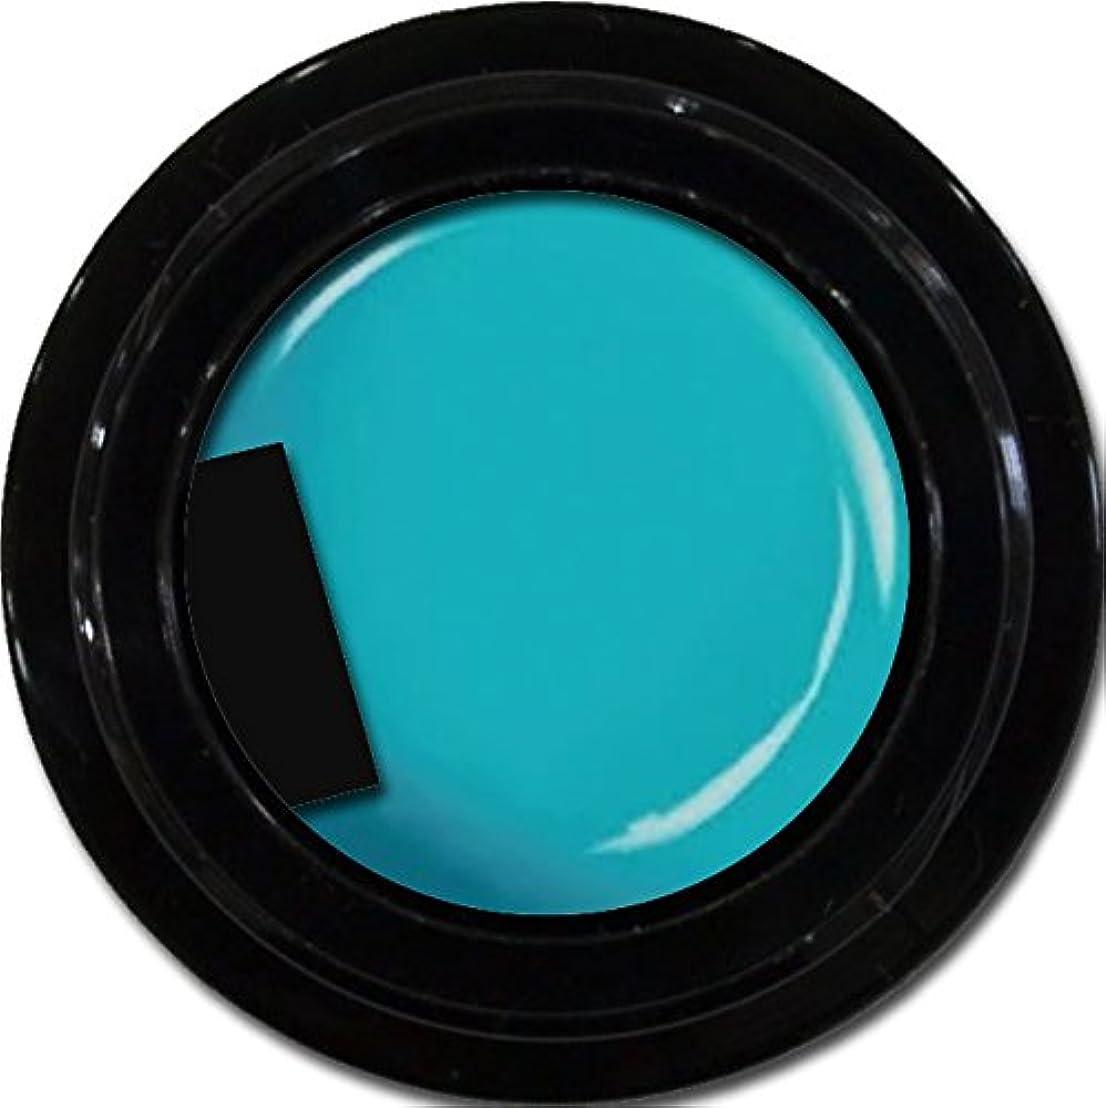 変成器素人テレビカラージェル enchant color gel M707 CanalBlue3g/ マットカラージェル M707カナールブルー 3グラム